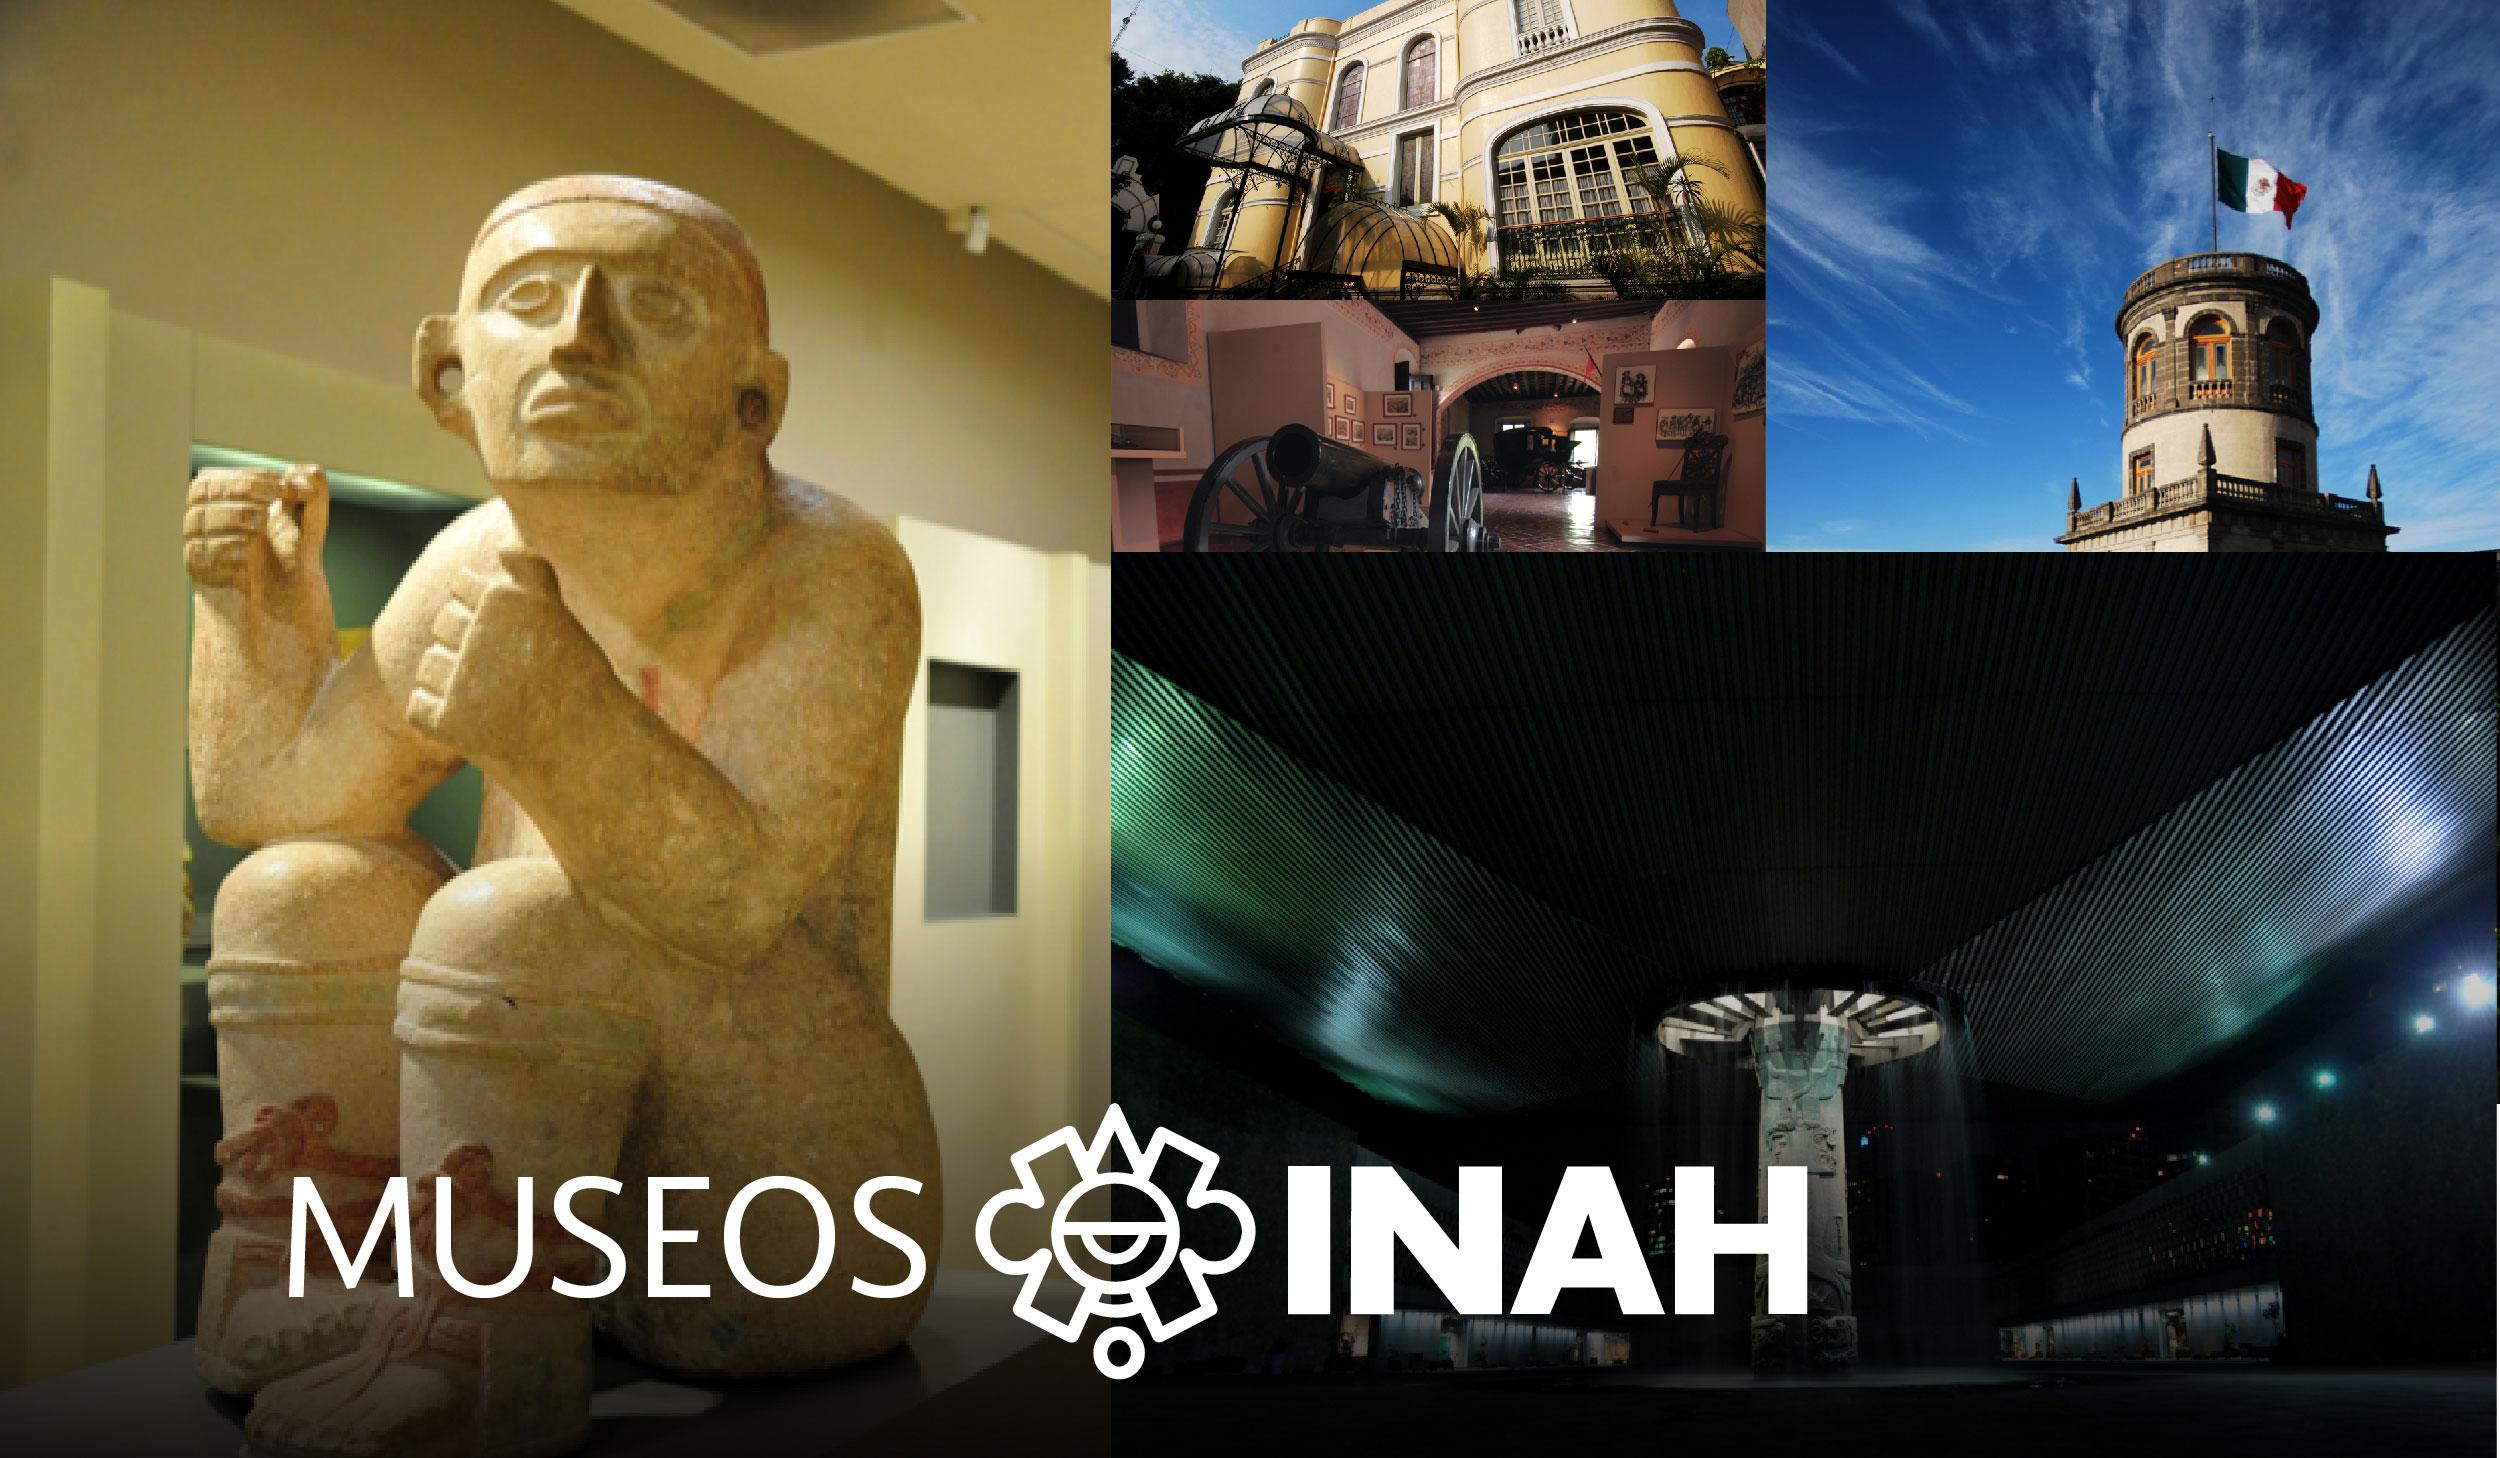 Red de Museos del INAH